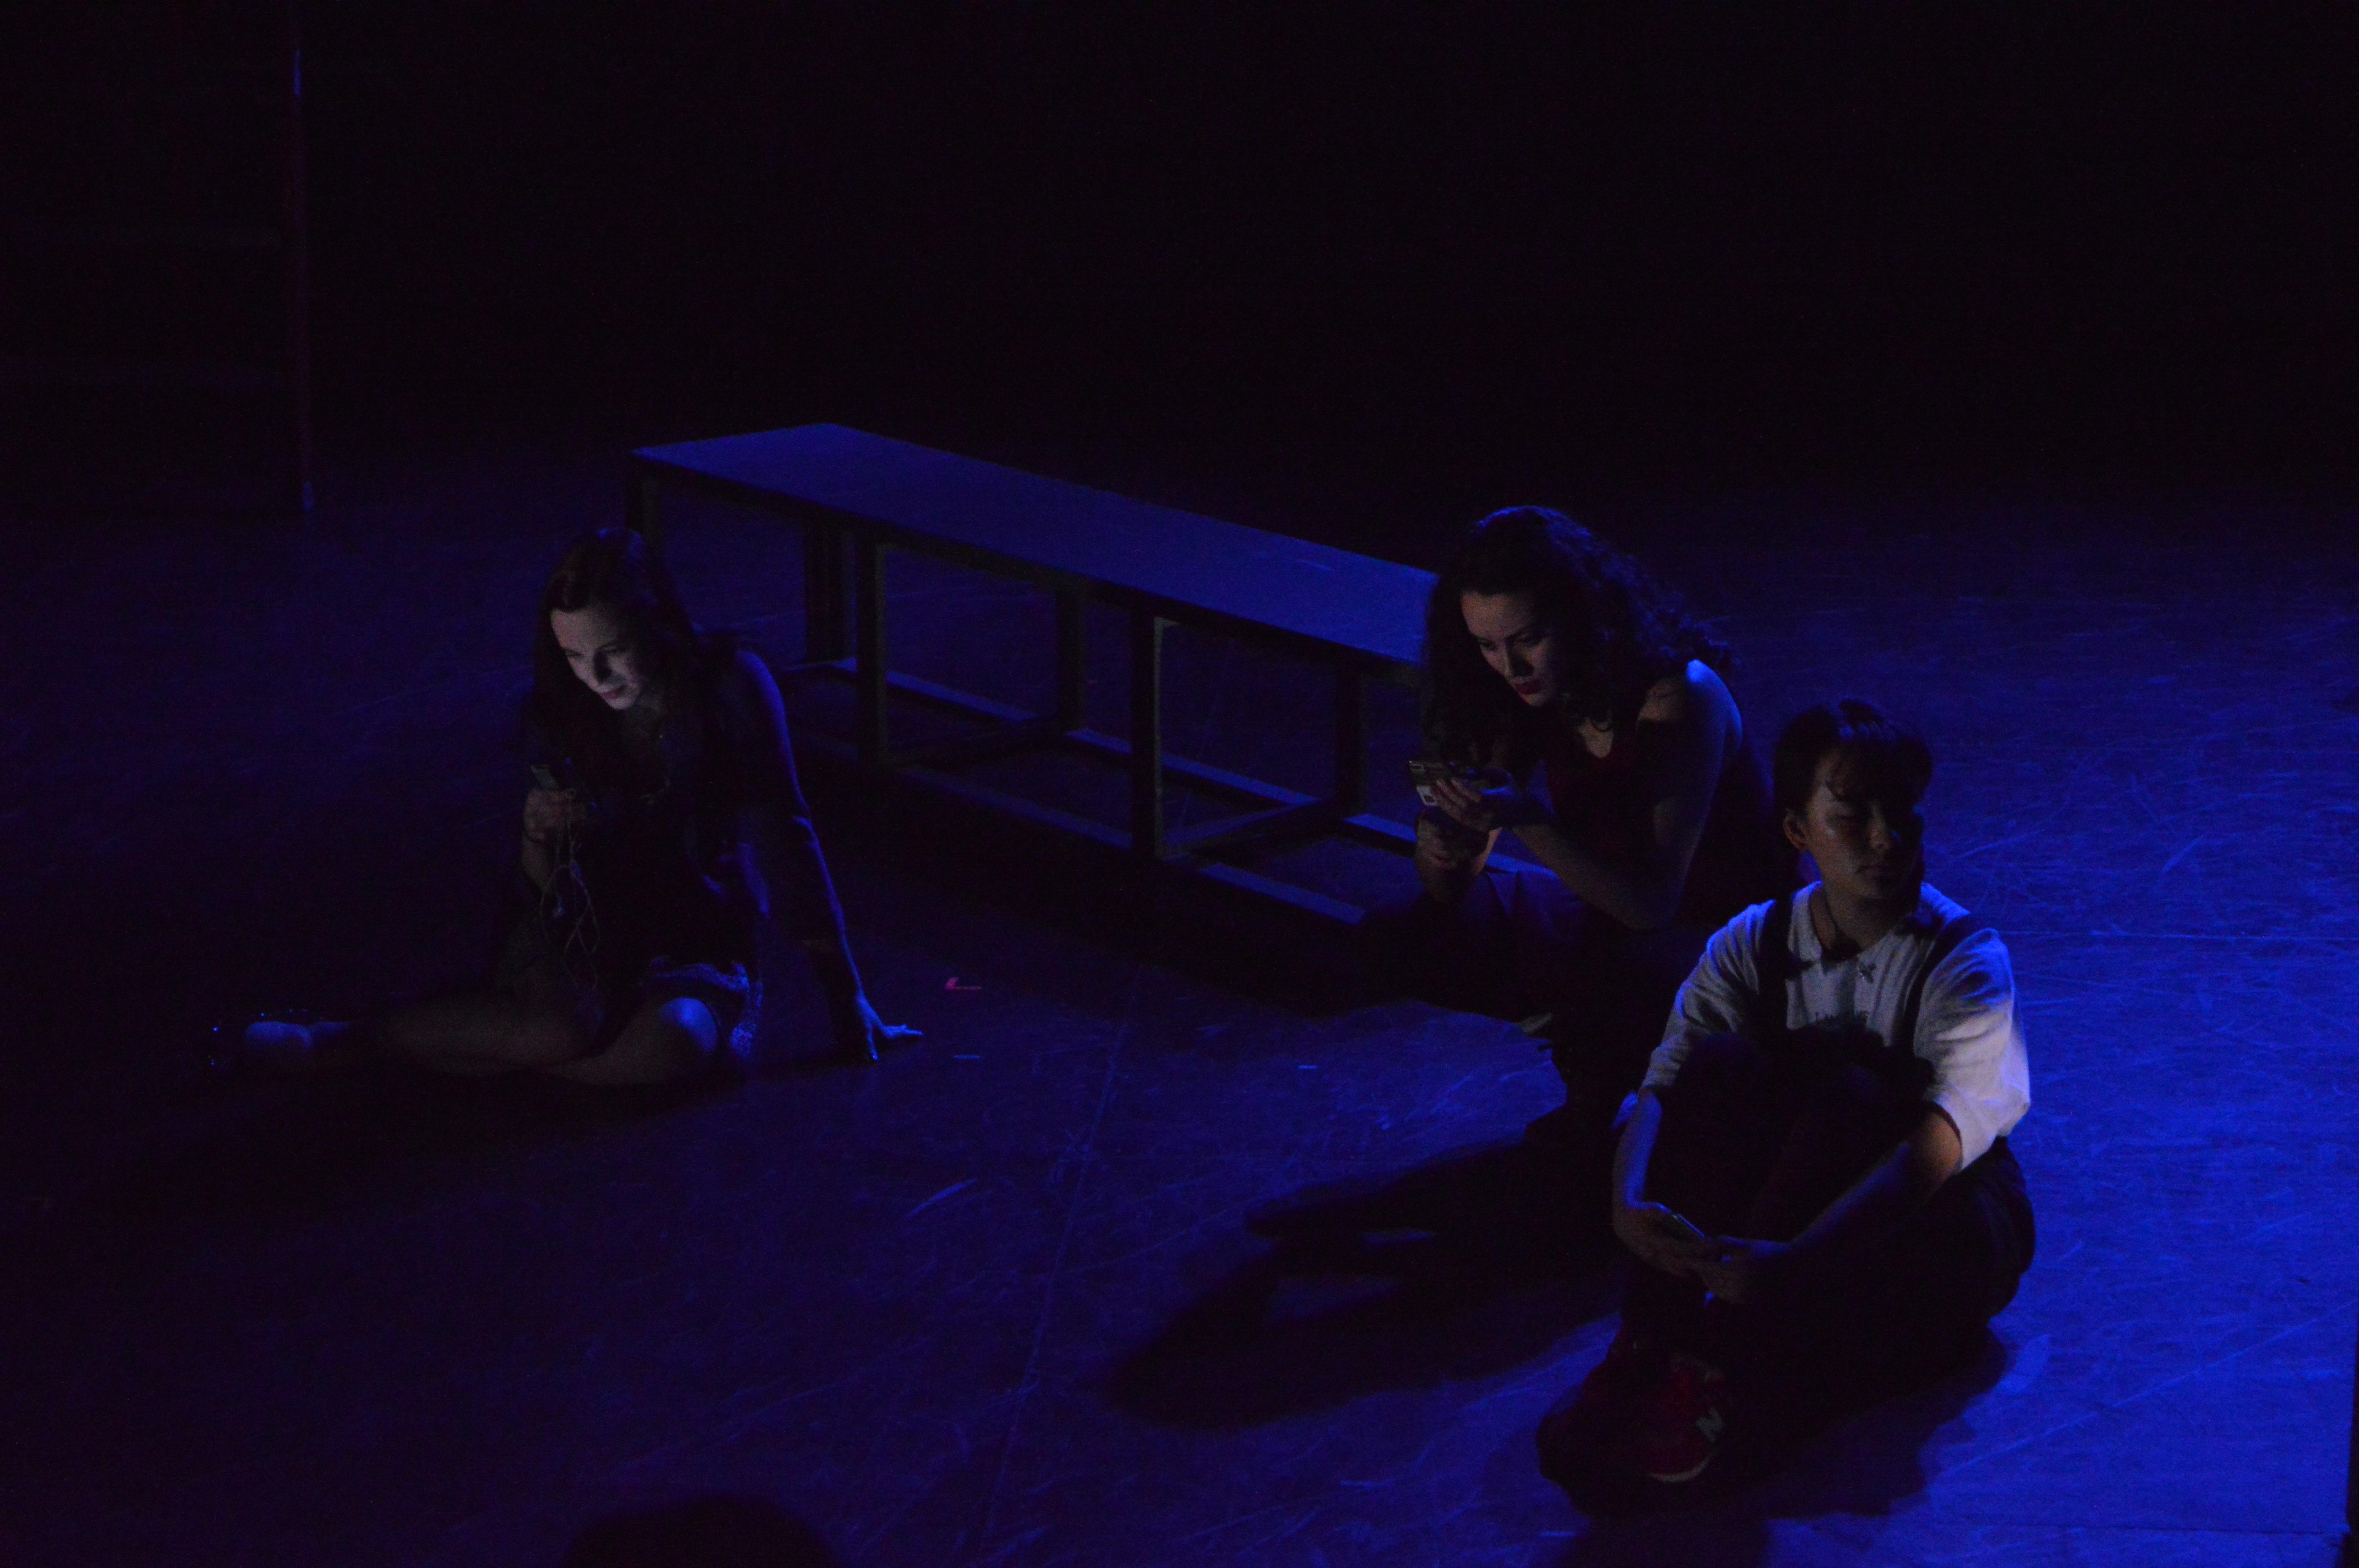 The Three Emogi's